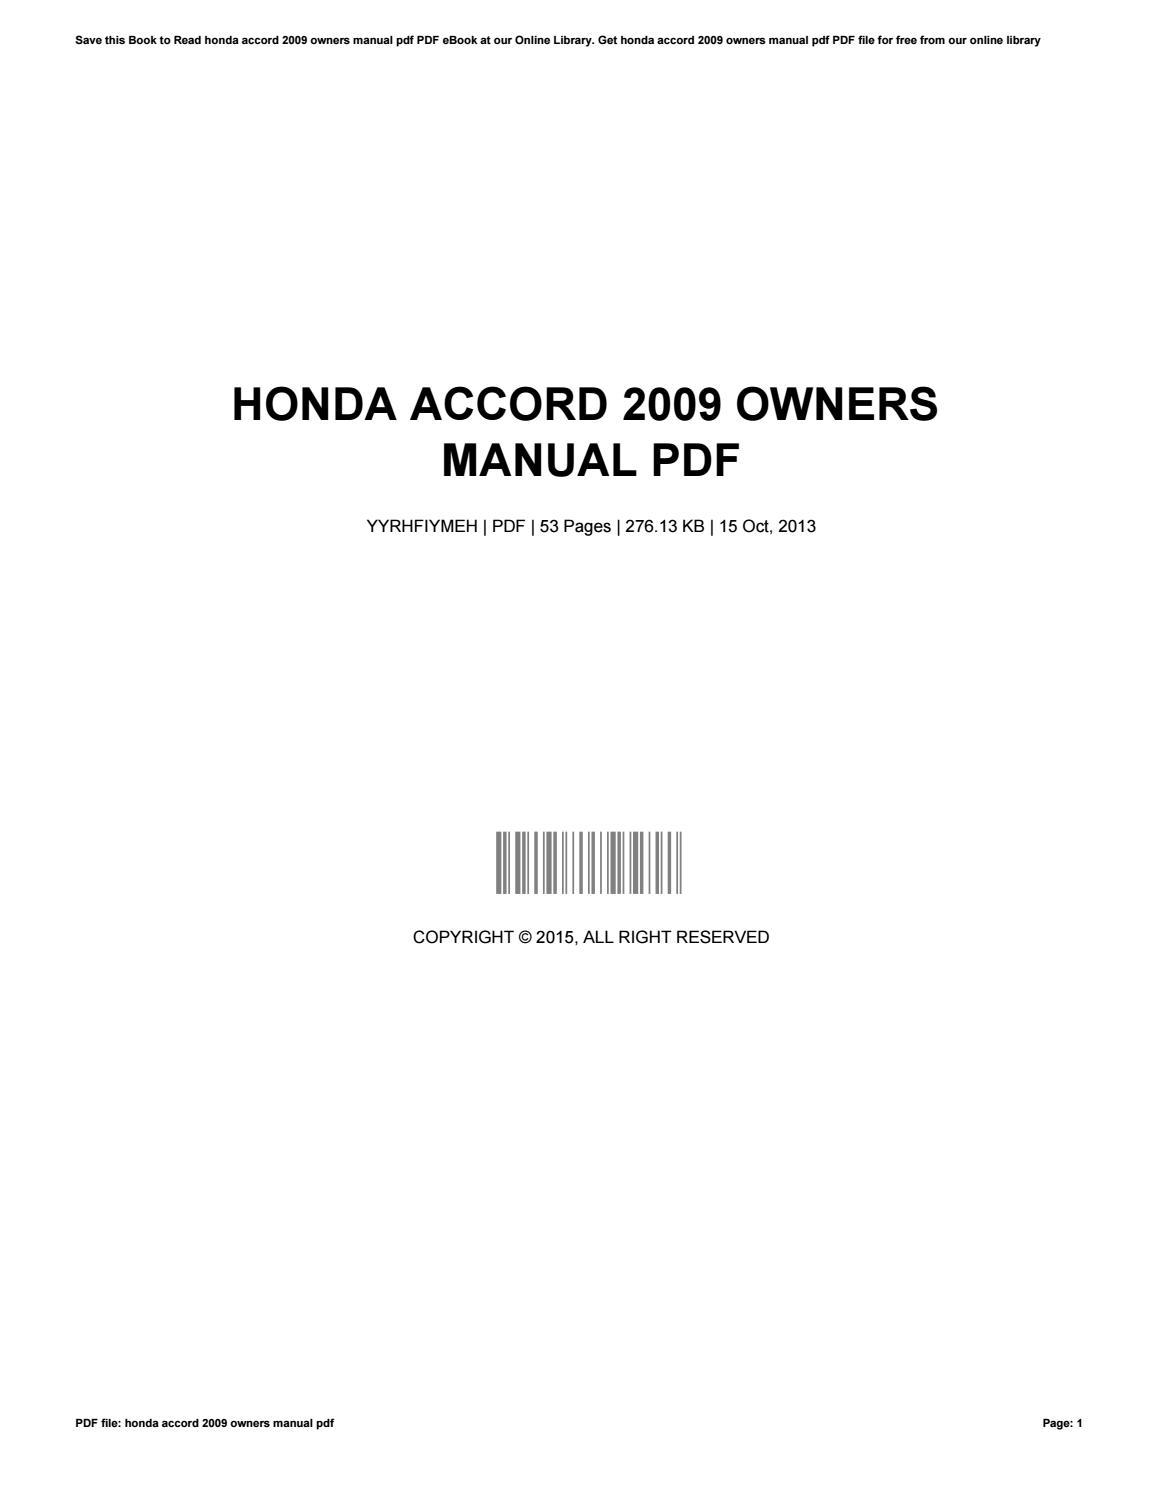 Honda accord cu1 cu2 2009 service manual.